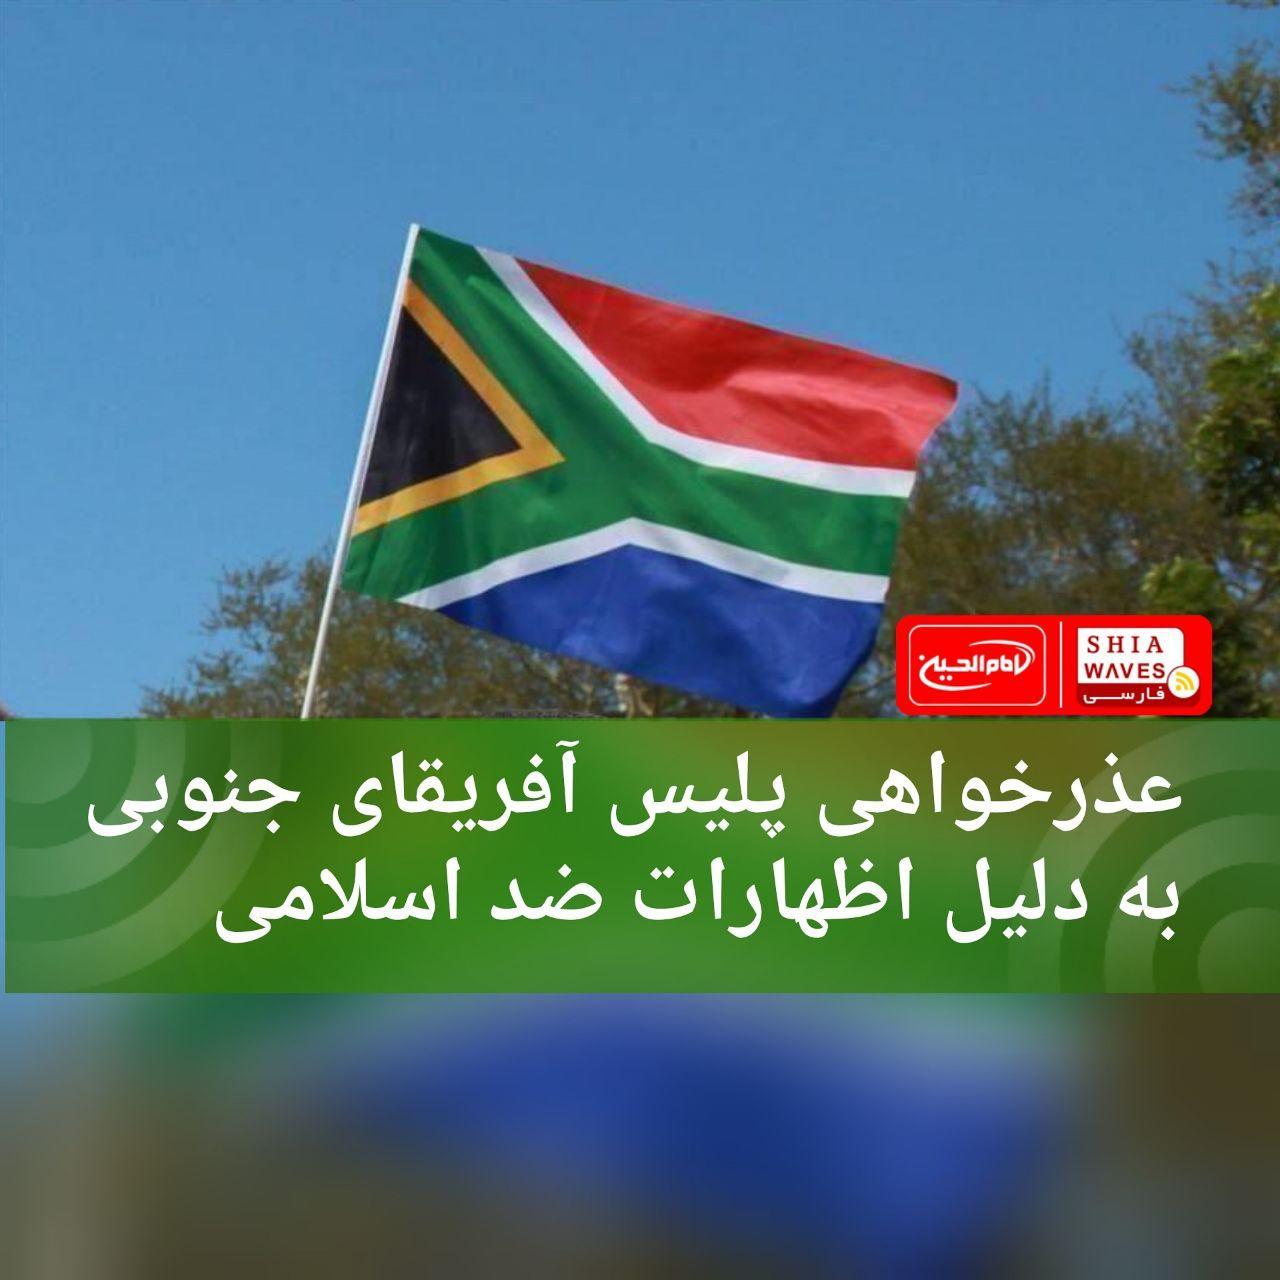 تصویر عذرخواهی پلیس آفریقای جنوبی به دلیل اظهارات ضد اسلامی